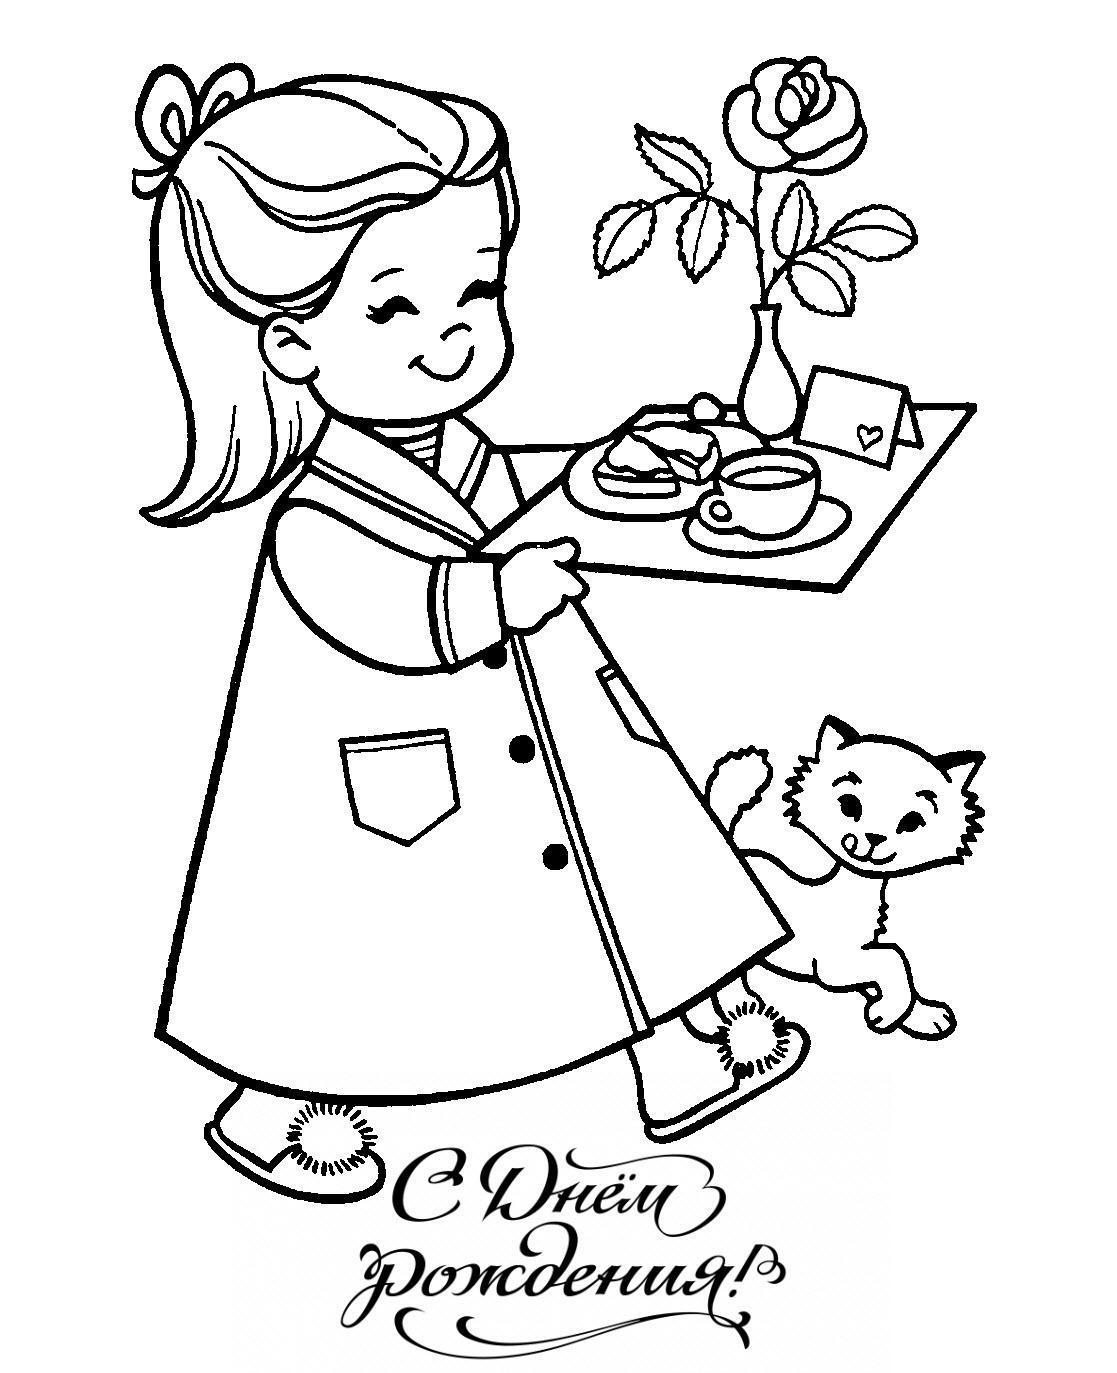 открытка раскраска с днем рождения бабушке распечатать